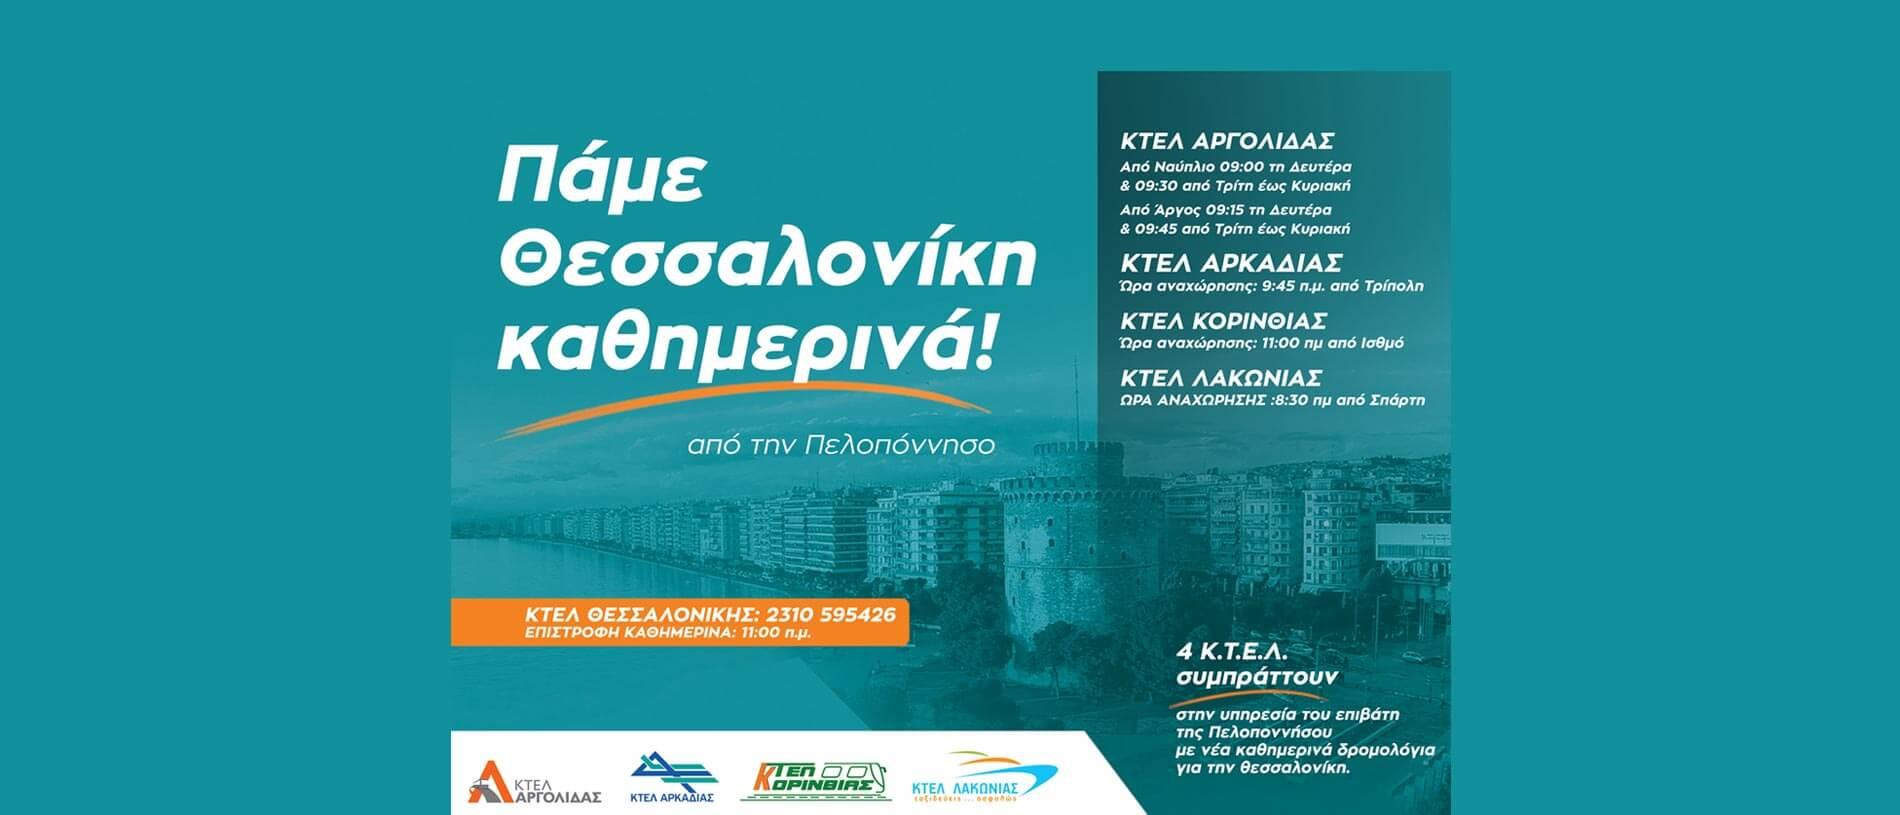 Πάμε Θεσσαλονίκη καθημερινά!